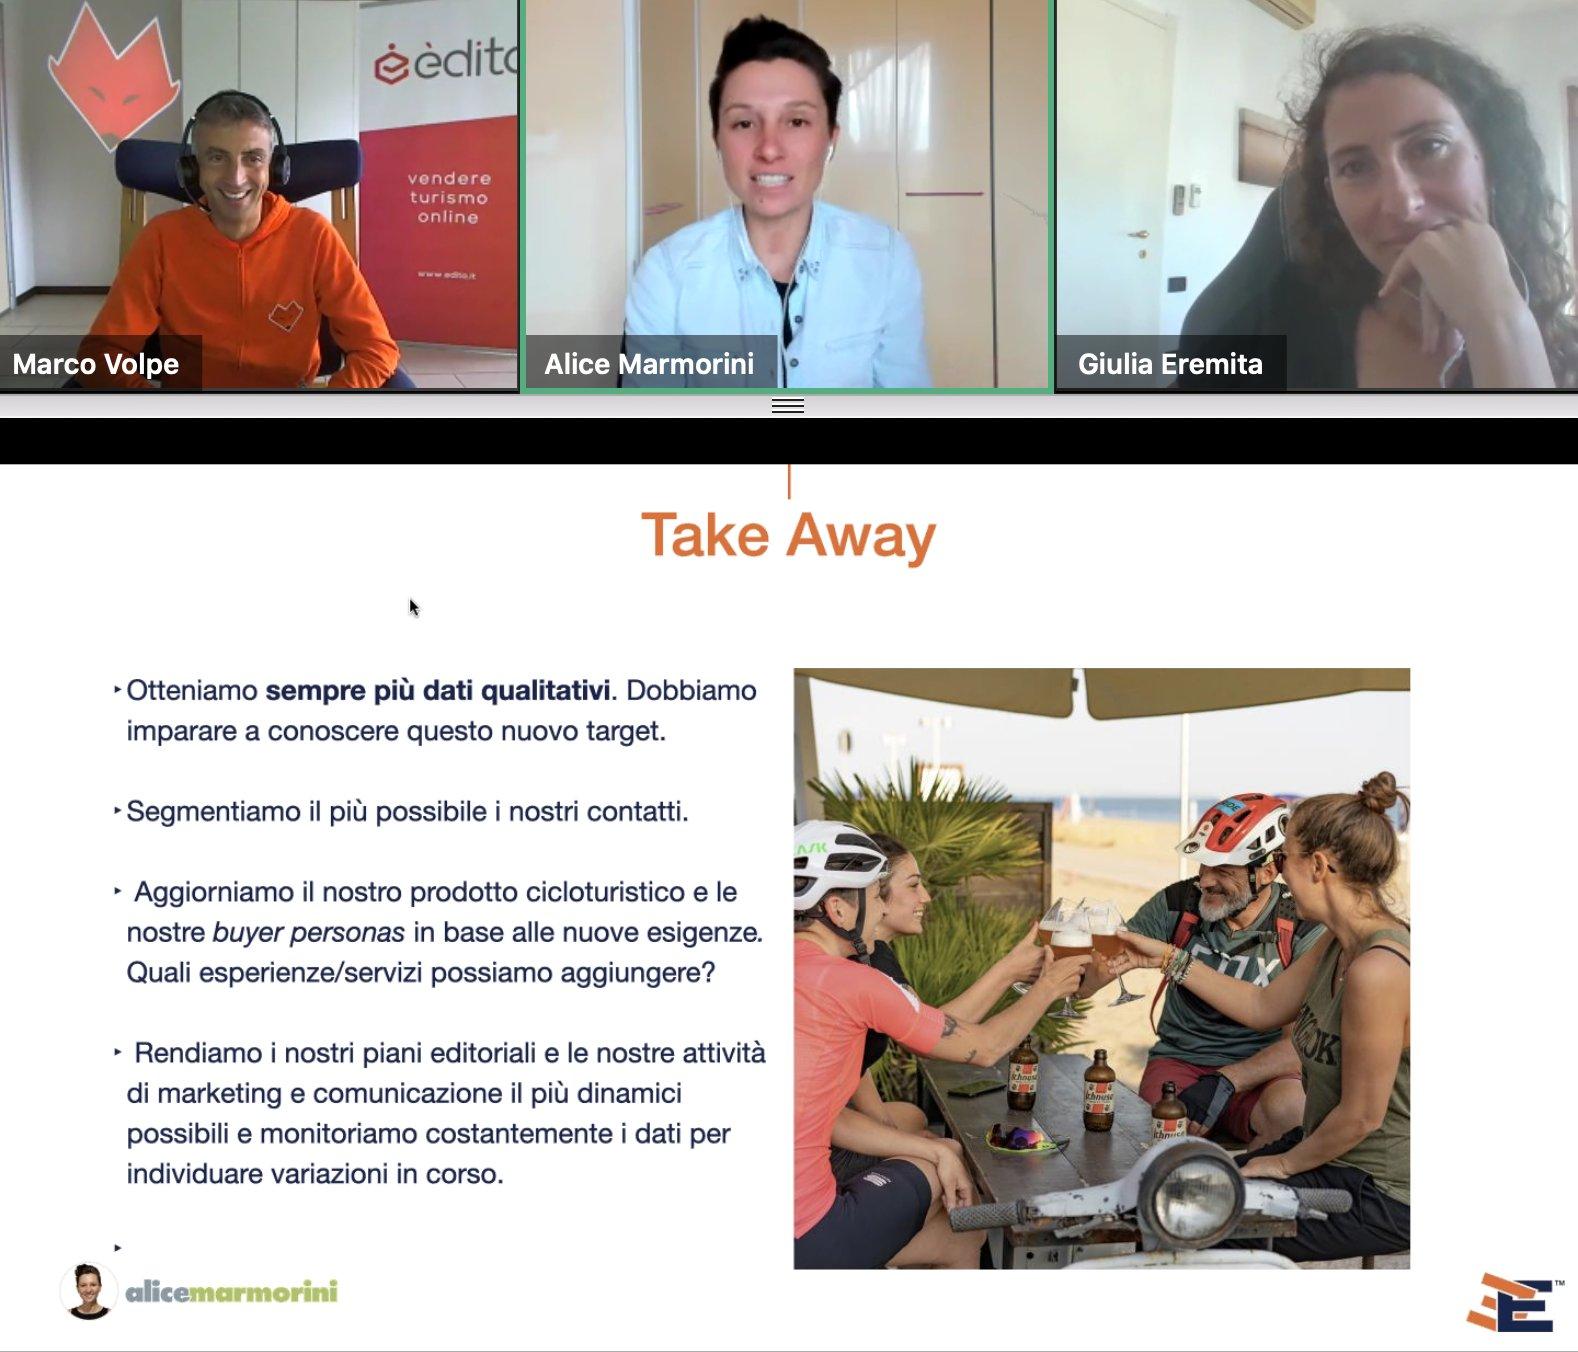 scatto live della digital table a deegito online